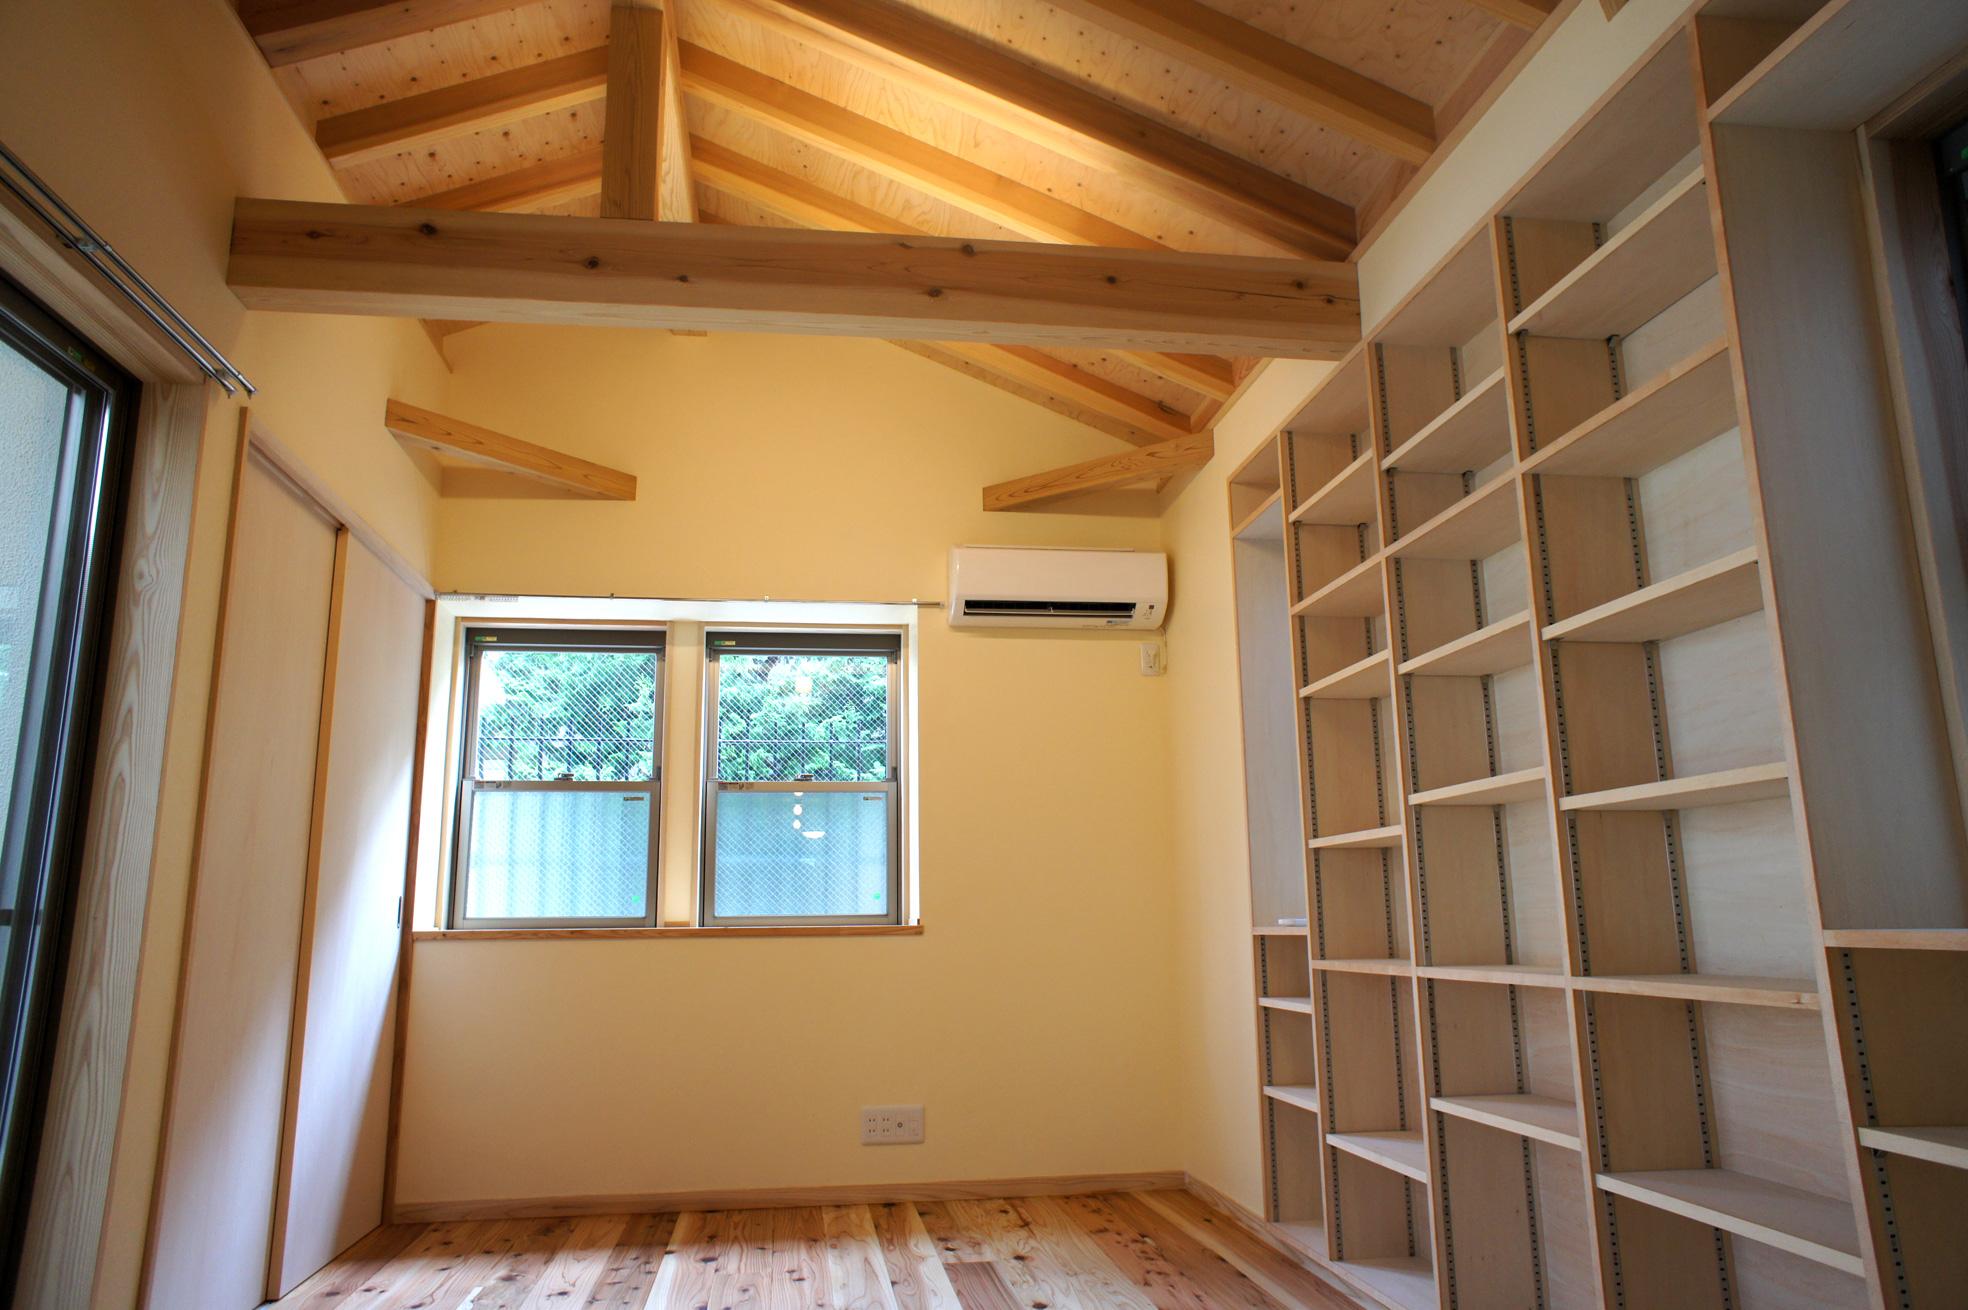 書斎。壁備え付けの本棚はオリジナルで制作。